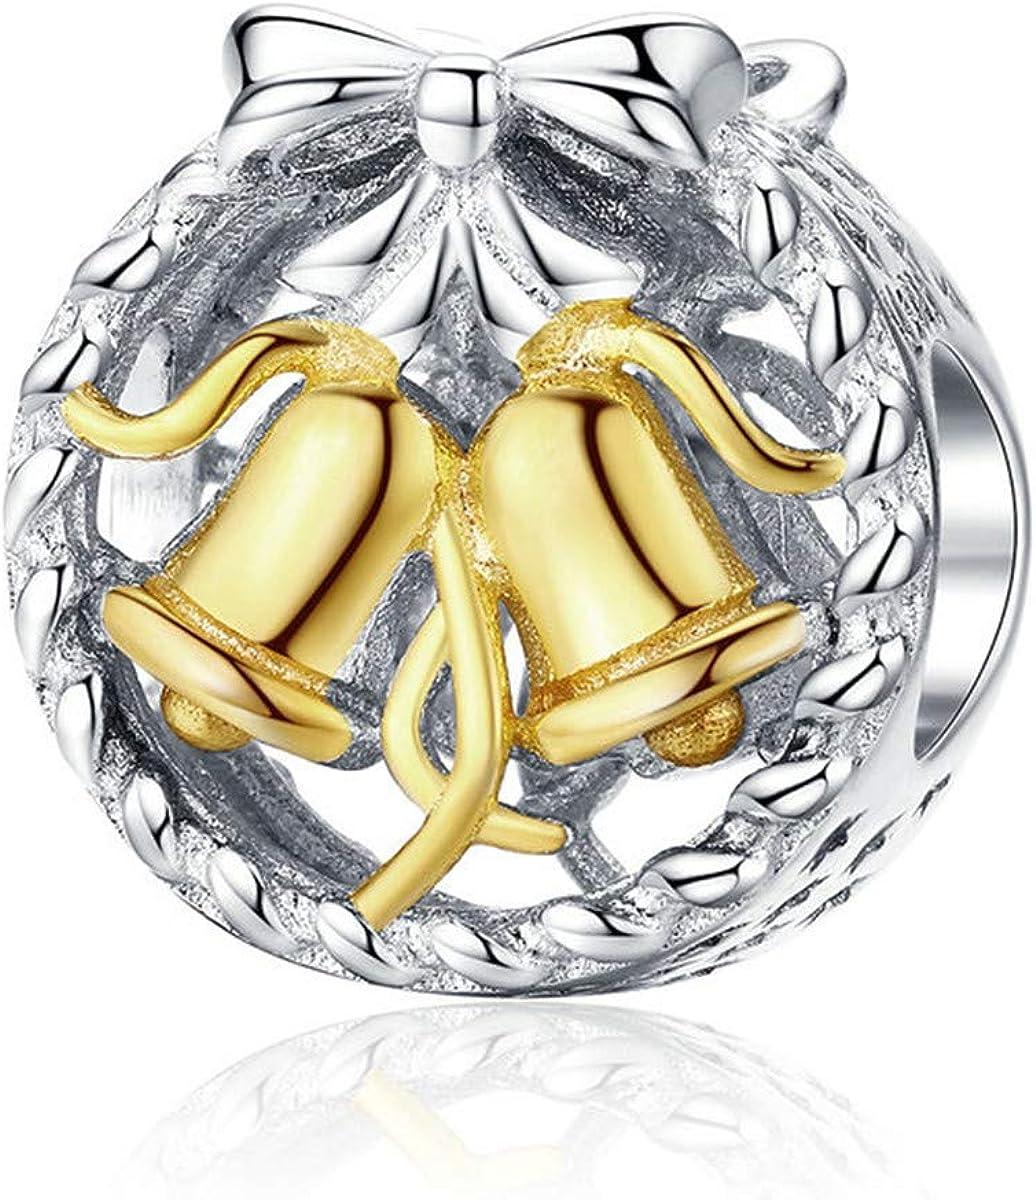 Cute Silver Tone Jingle Bell Heart Key Love Euro Dangle Slide Charm fit Bracelet